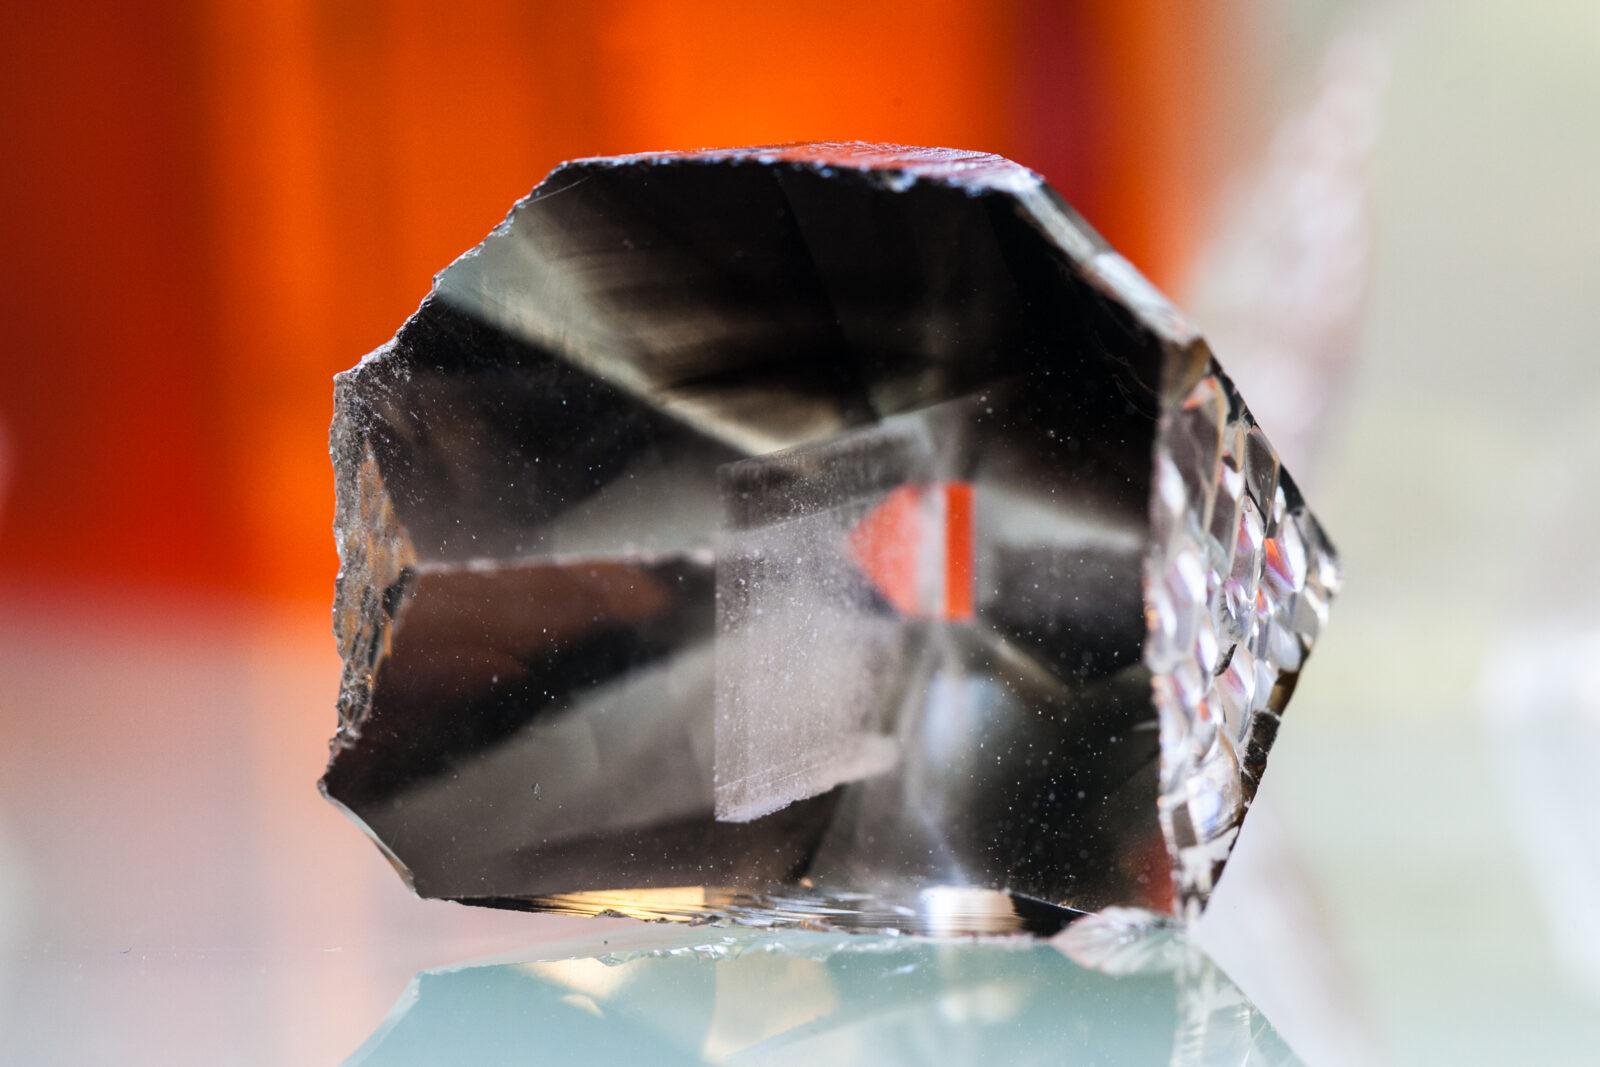 cristaux piézoélectriques synthétique